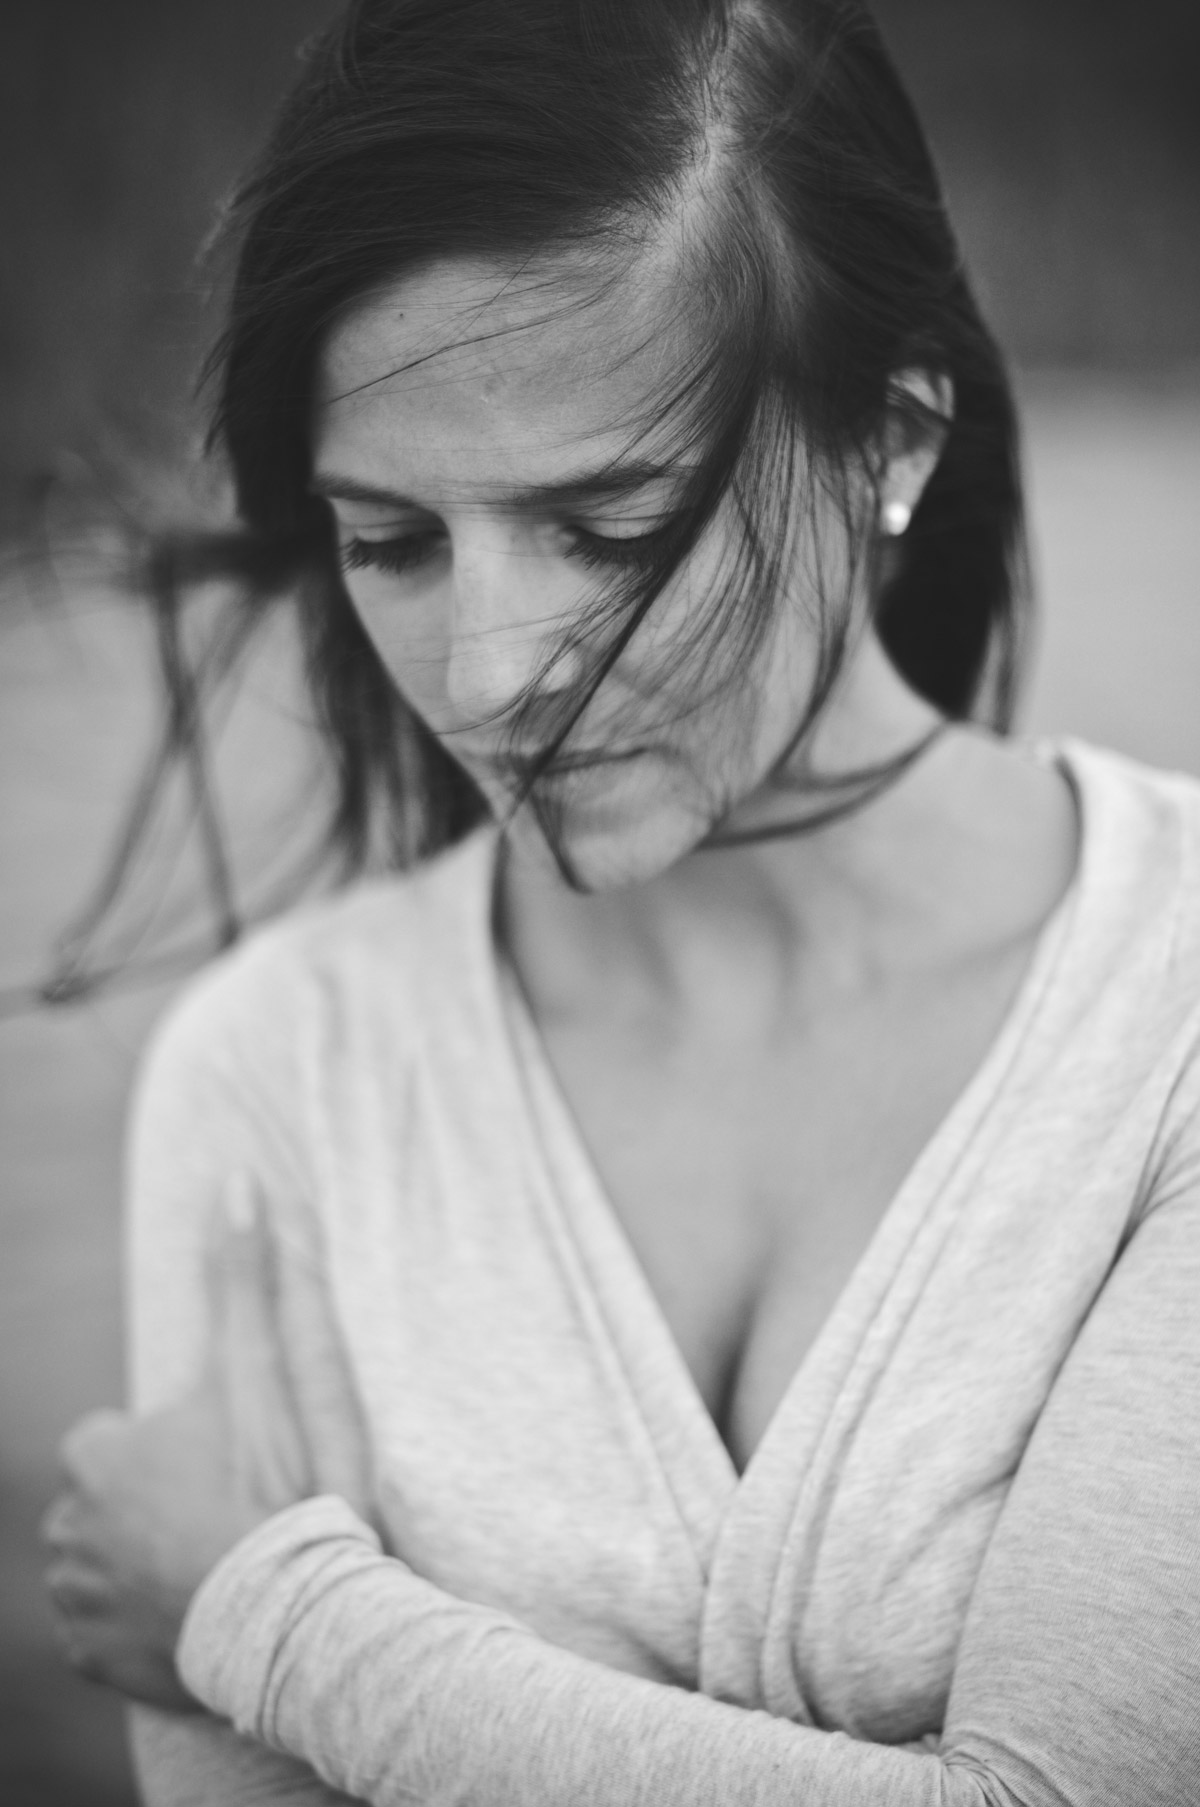 Jane_08_a